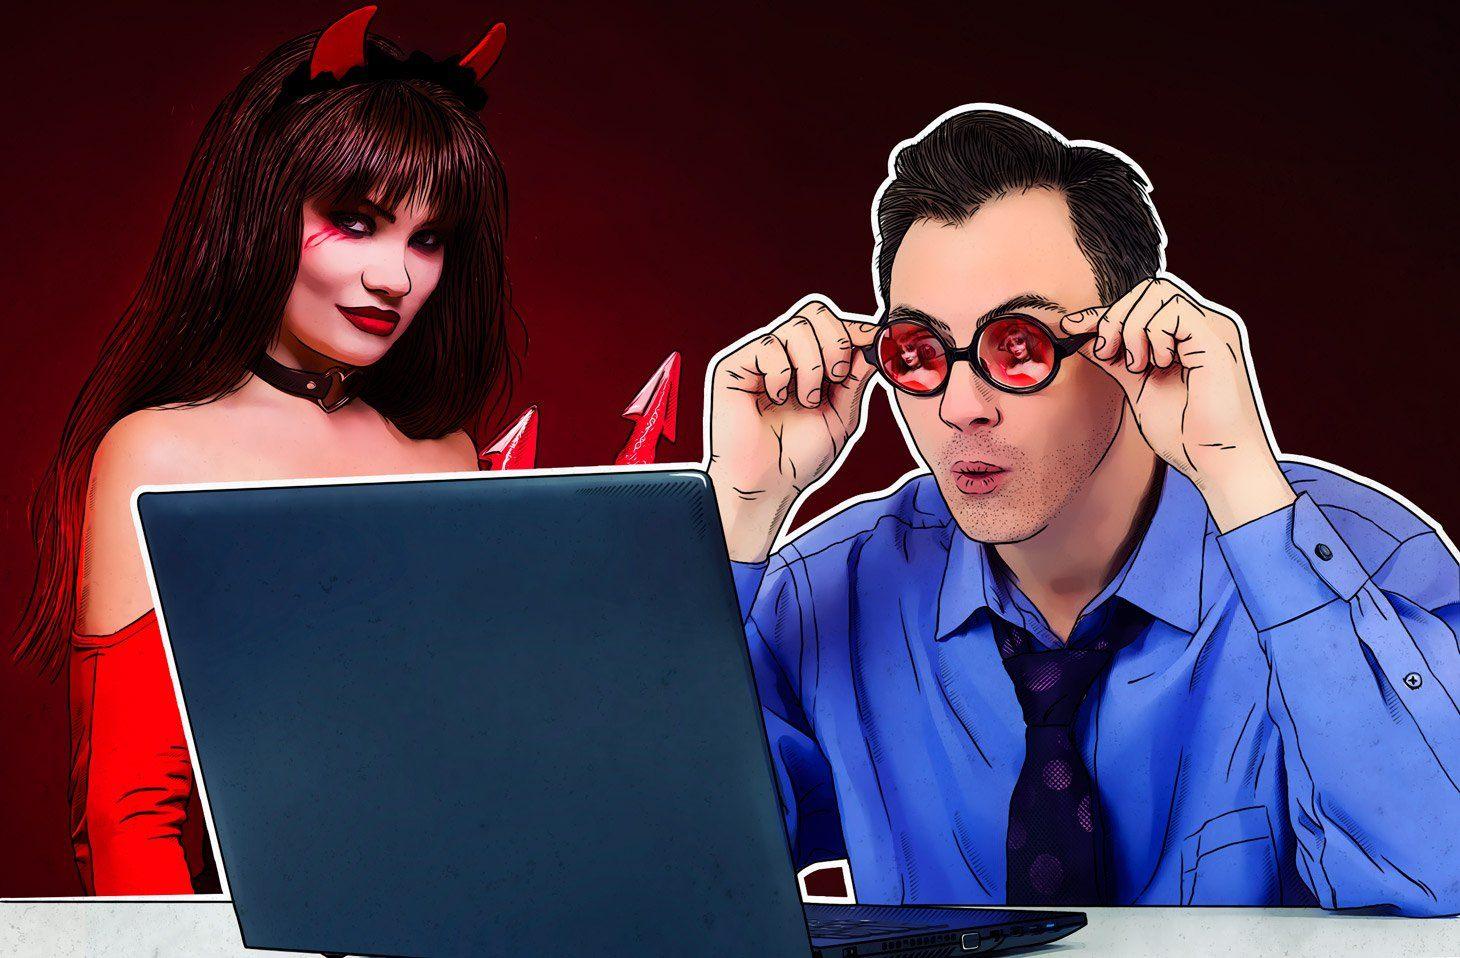 Paginas Seguras Porno todos los sitios porno están infectados de malware. ¿verdad